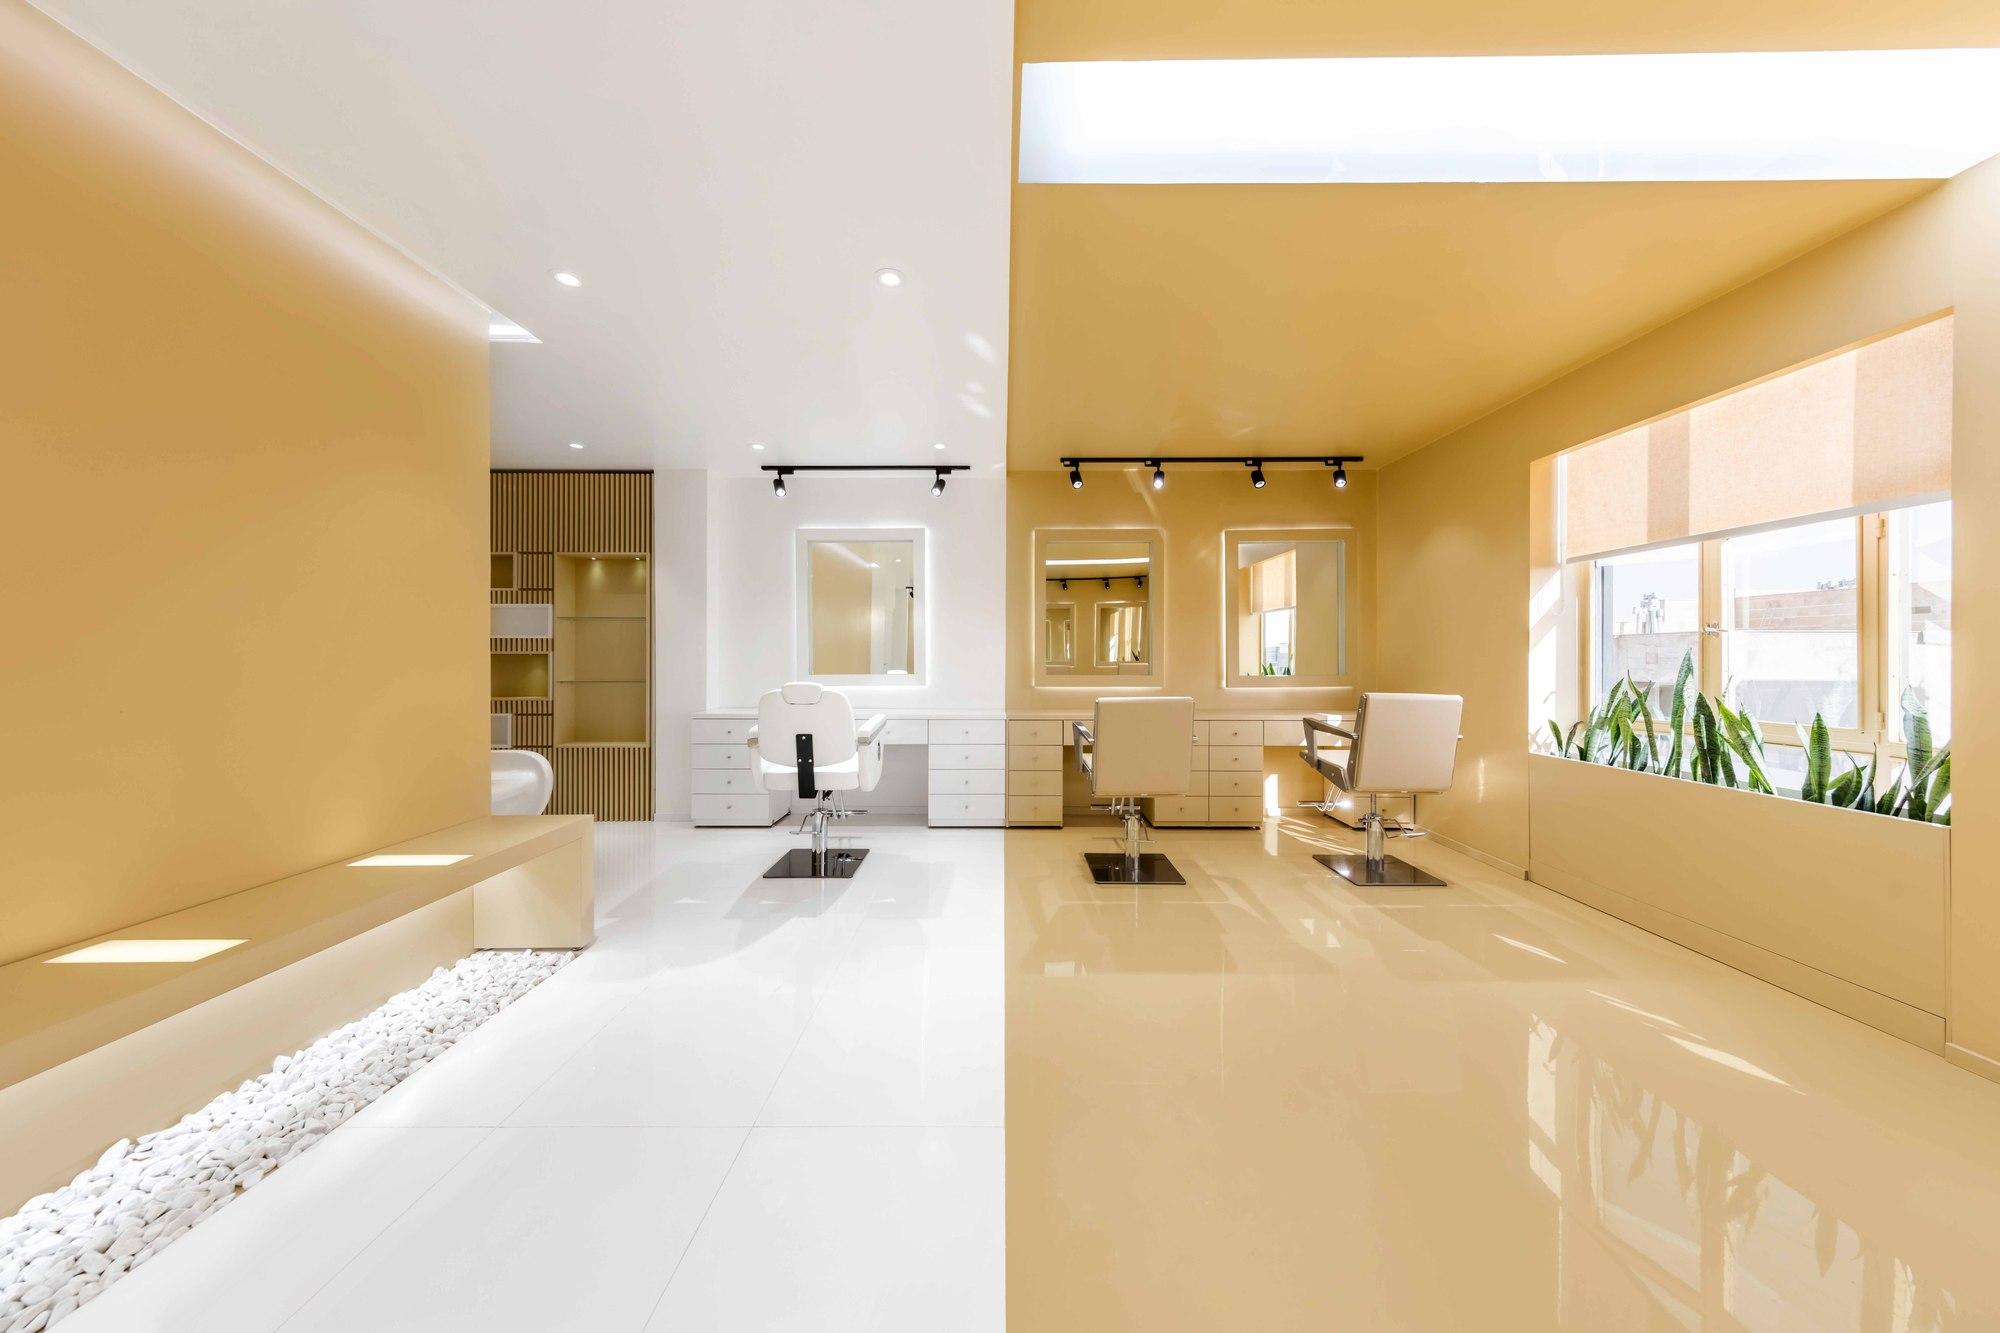 Gallery of shokrniya beauty salon 4 architecture studio 5 for A b beauty salon houston